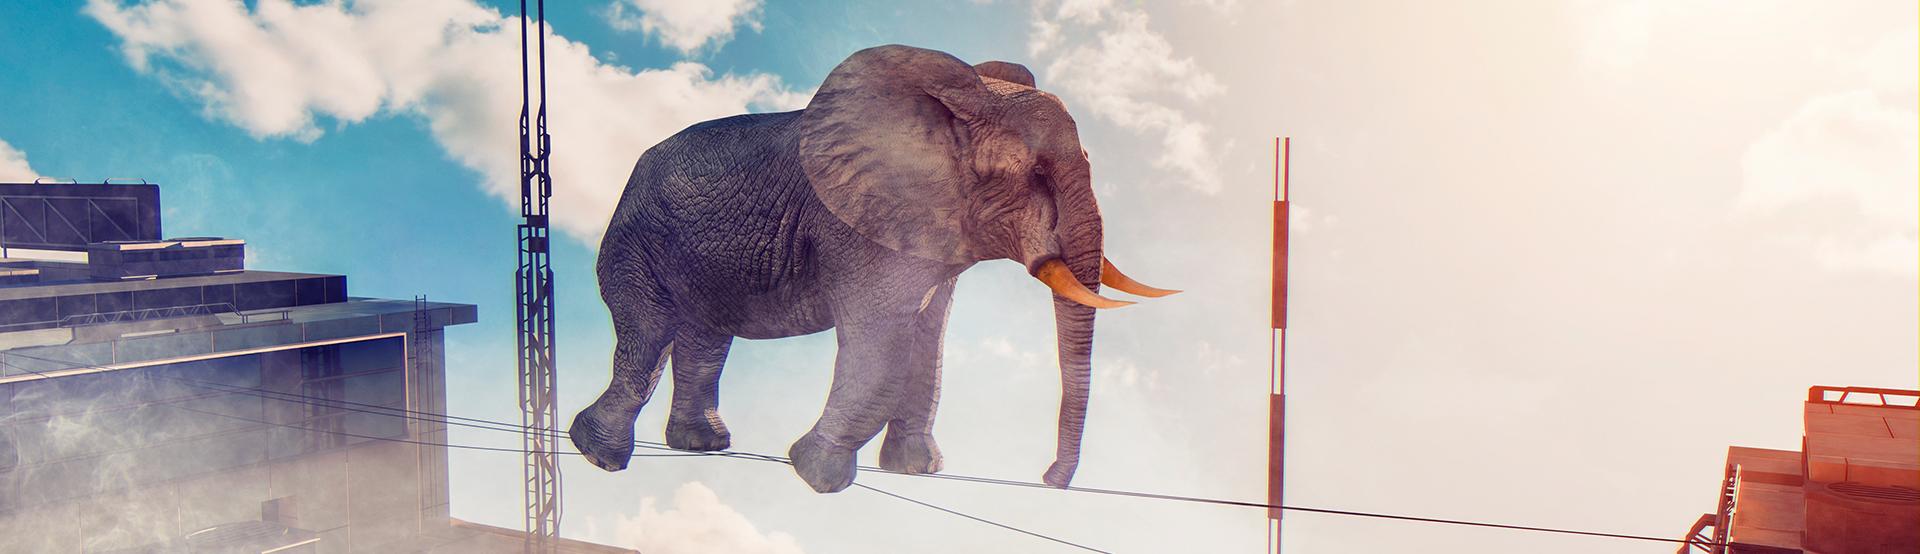 Ein Elefant auf einem Drahtseil